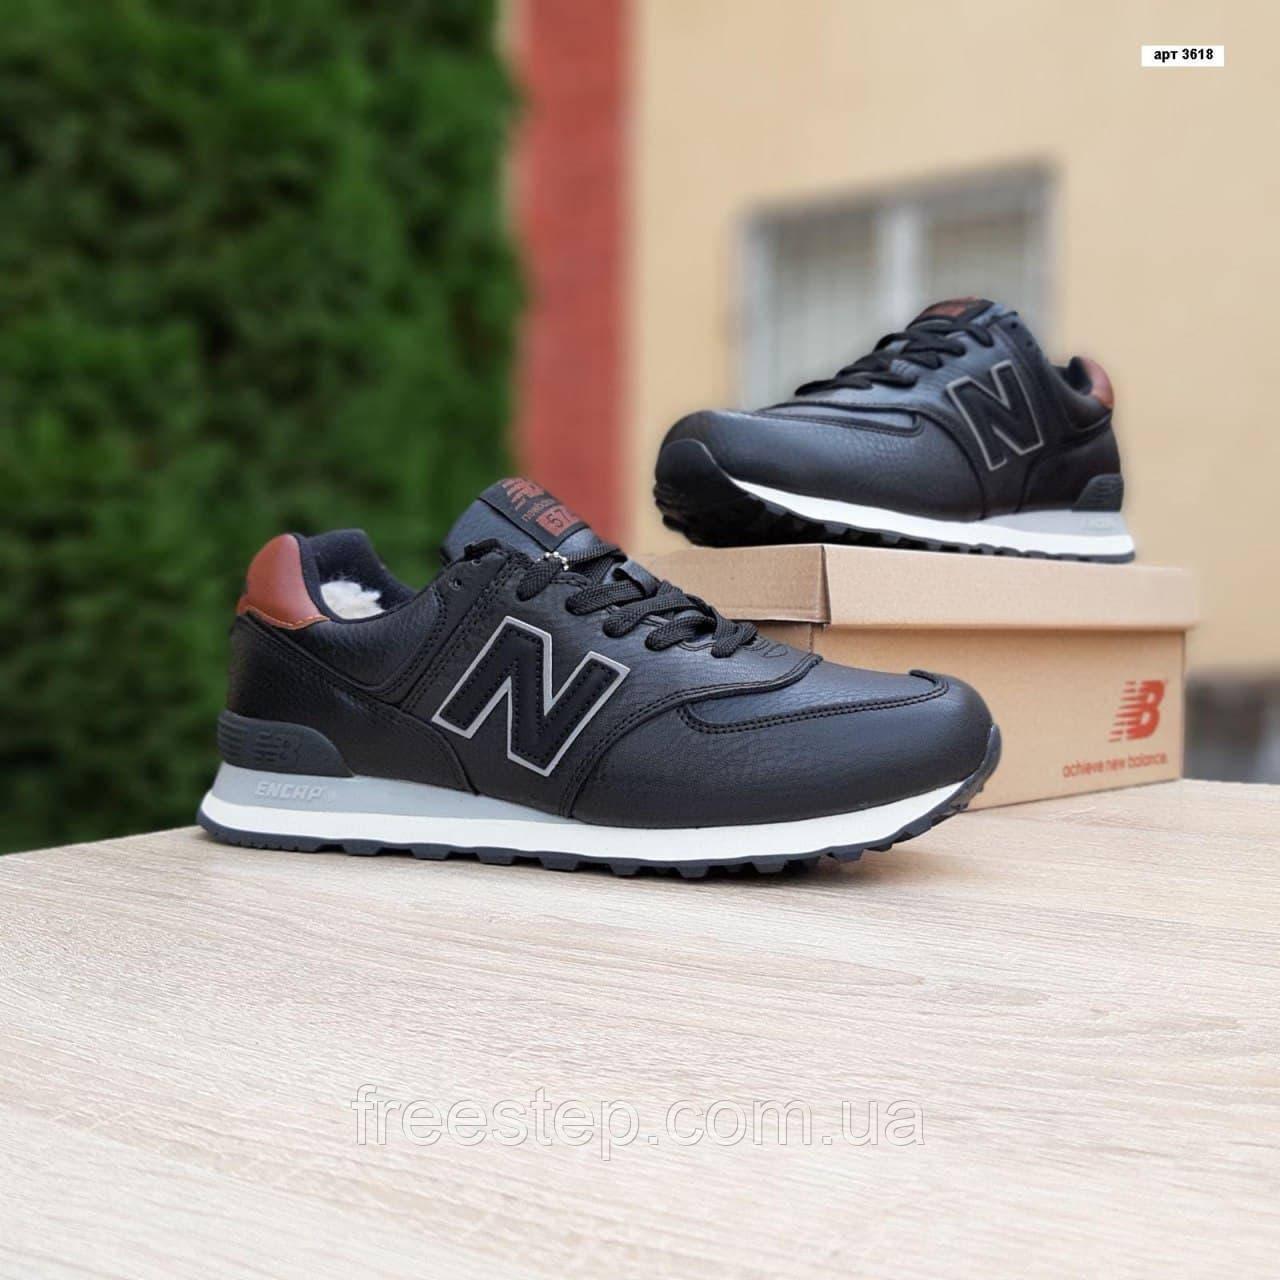 Чоловічі зимові кросівки 574 чорні з коричневим